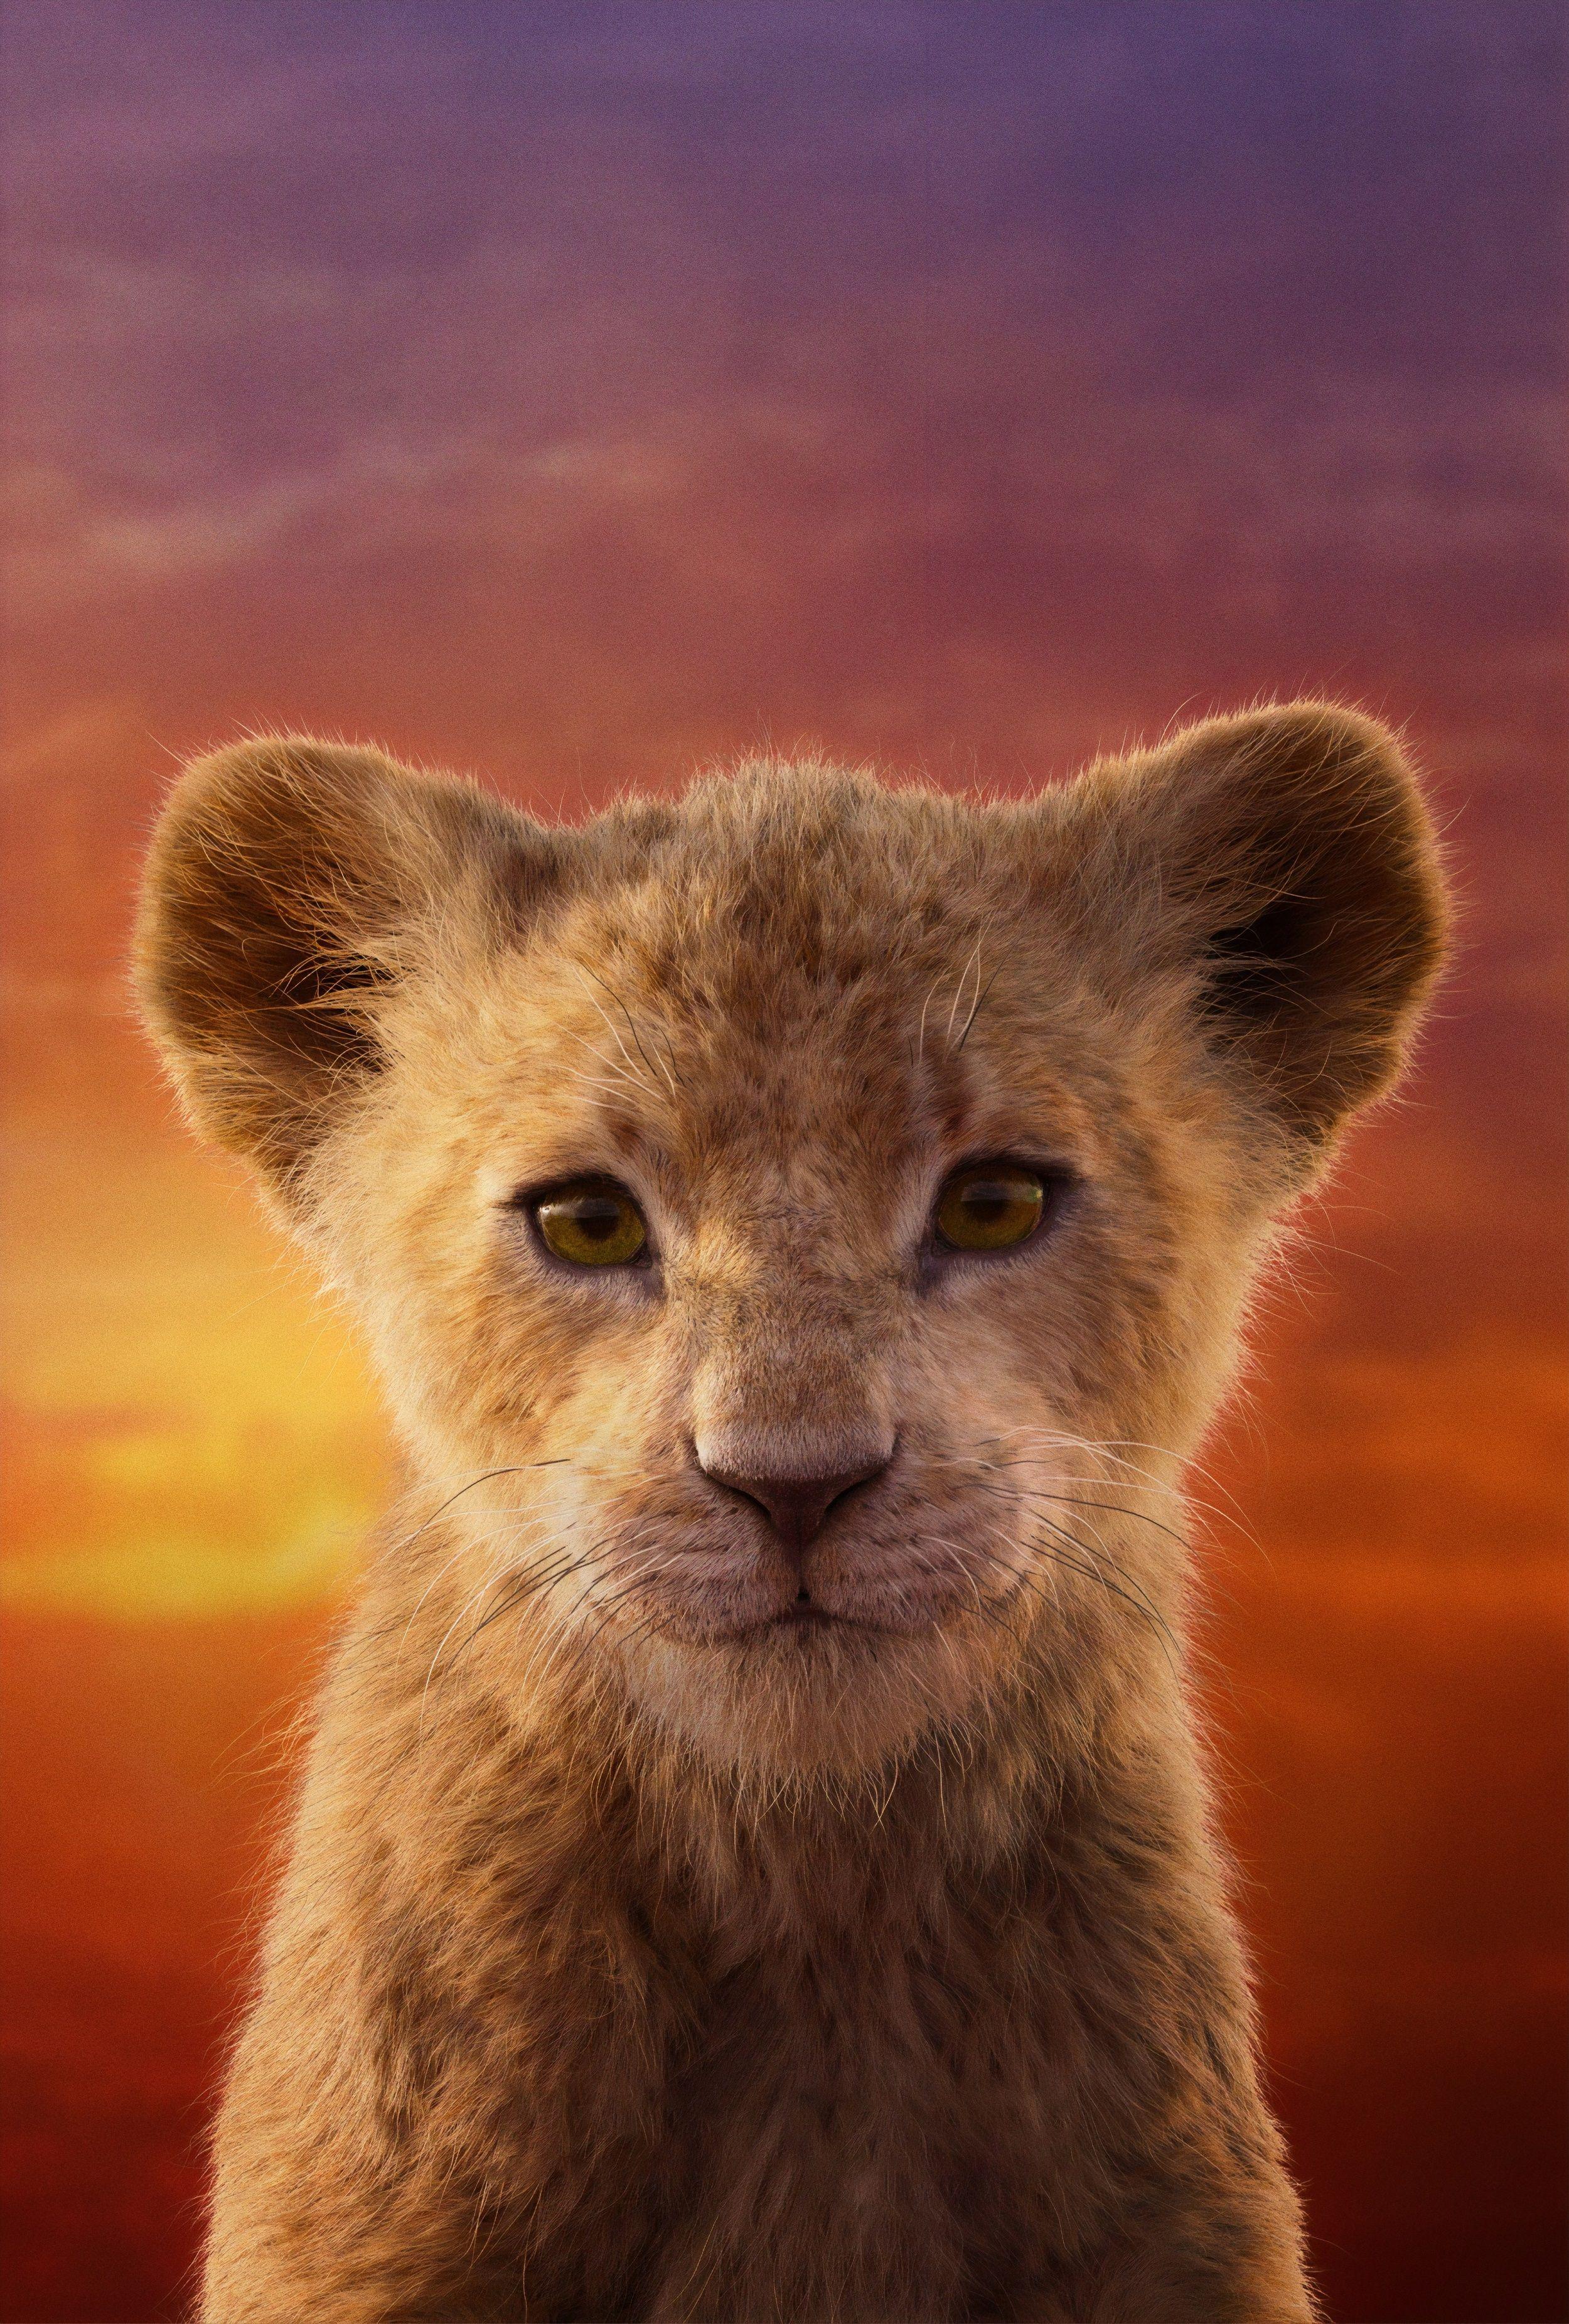 Epingle Par Judithestefani Sur Peliculas Photos De Lion Fond D Ecran Dessin Le Roi Lion